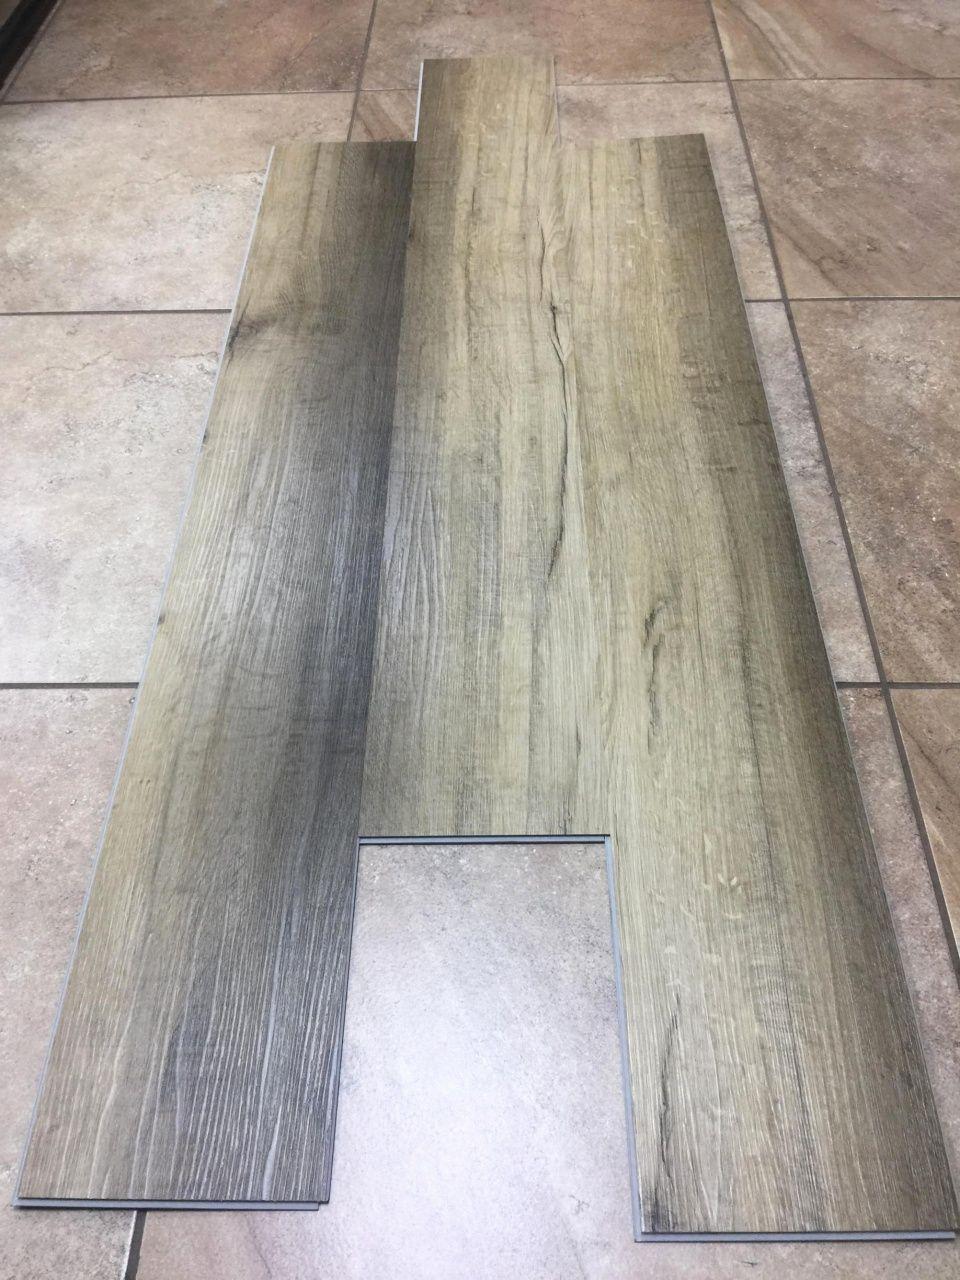 Home Depot Vinyl Wood Flooring in 2020 Vinyl wood